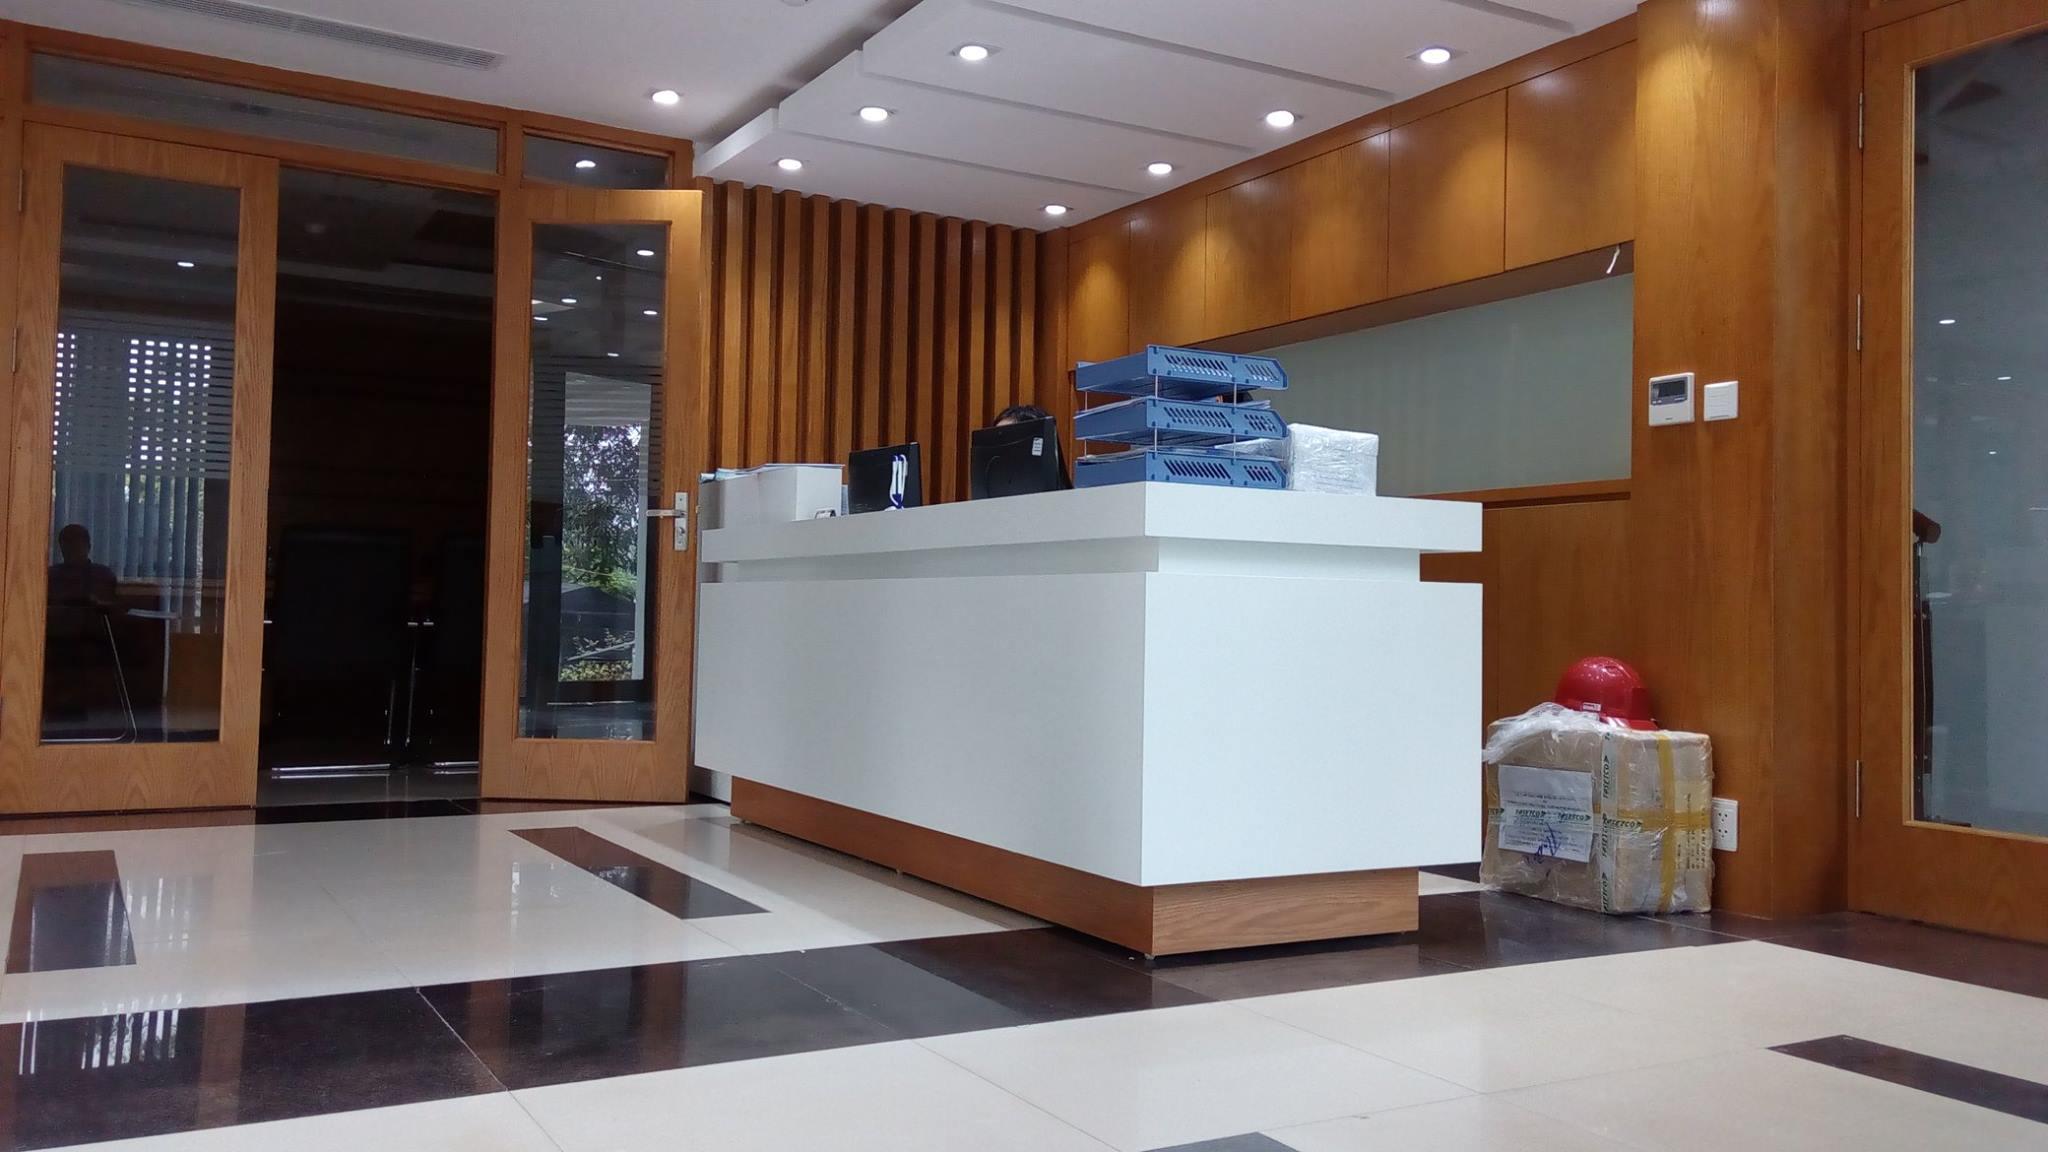 Đóng tủ kệ hồ sơ văn phòng theo thiết kế và yêu cầu giá rẻ